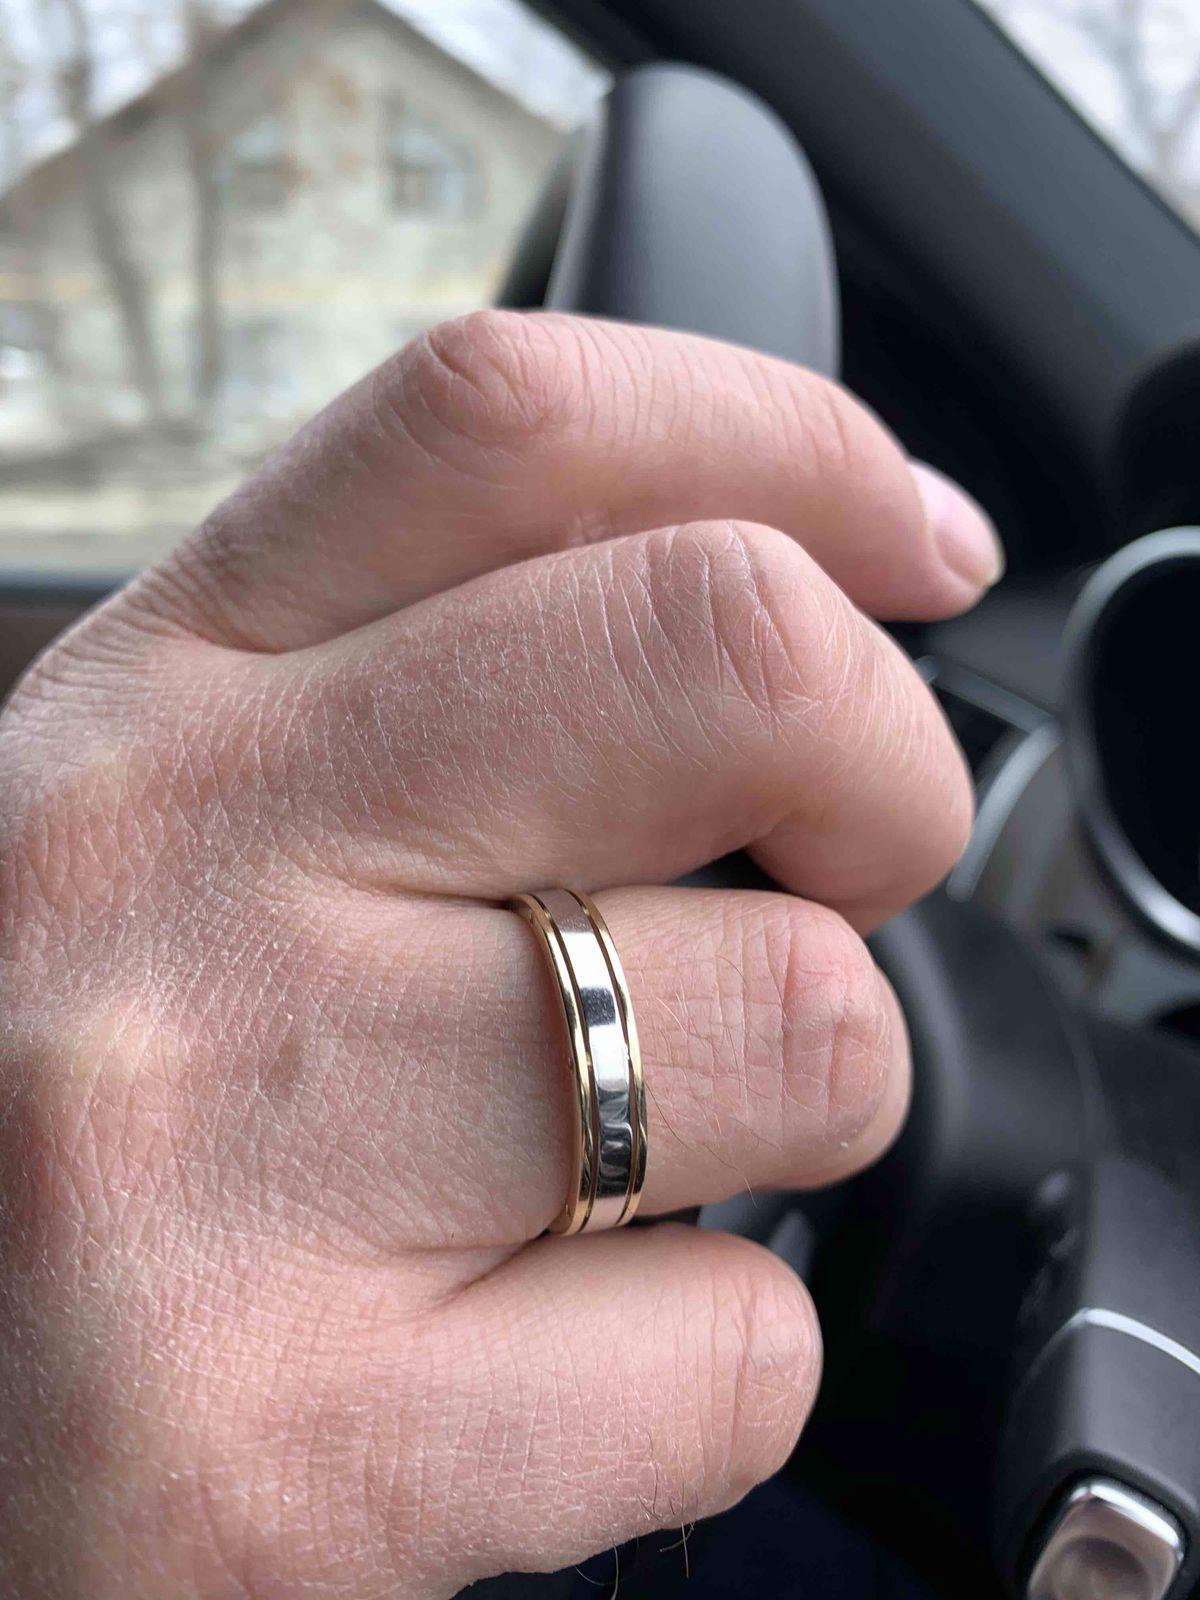 Советую к приобретению, кольца очень понравились